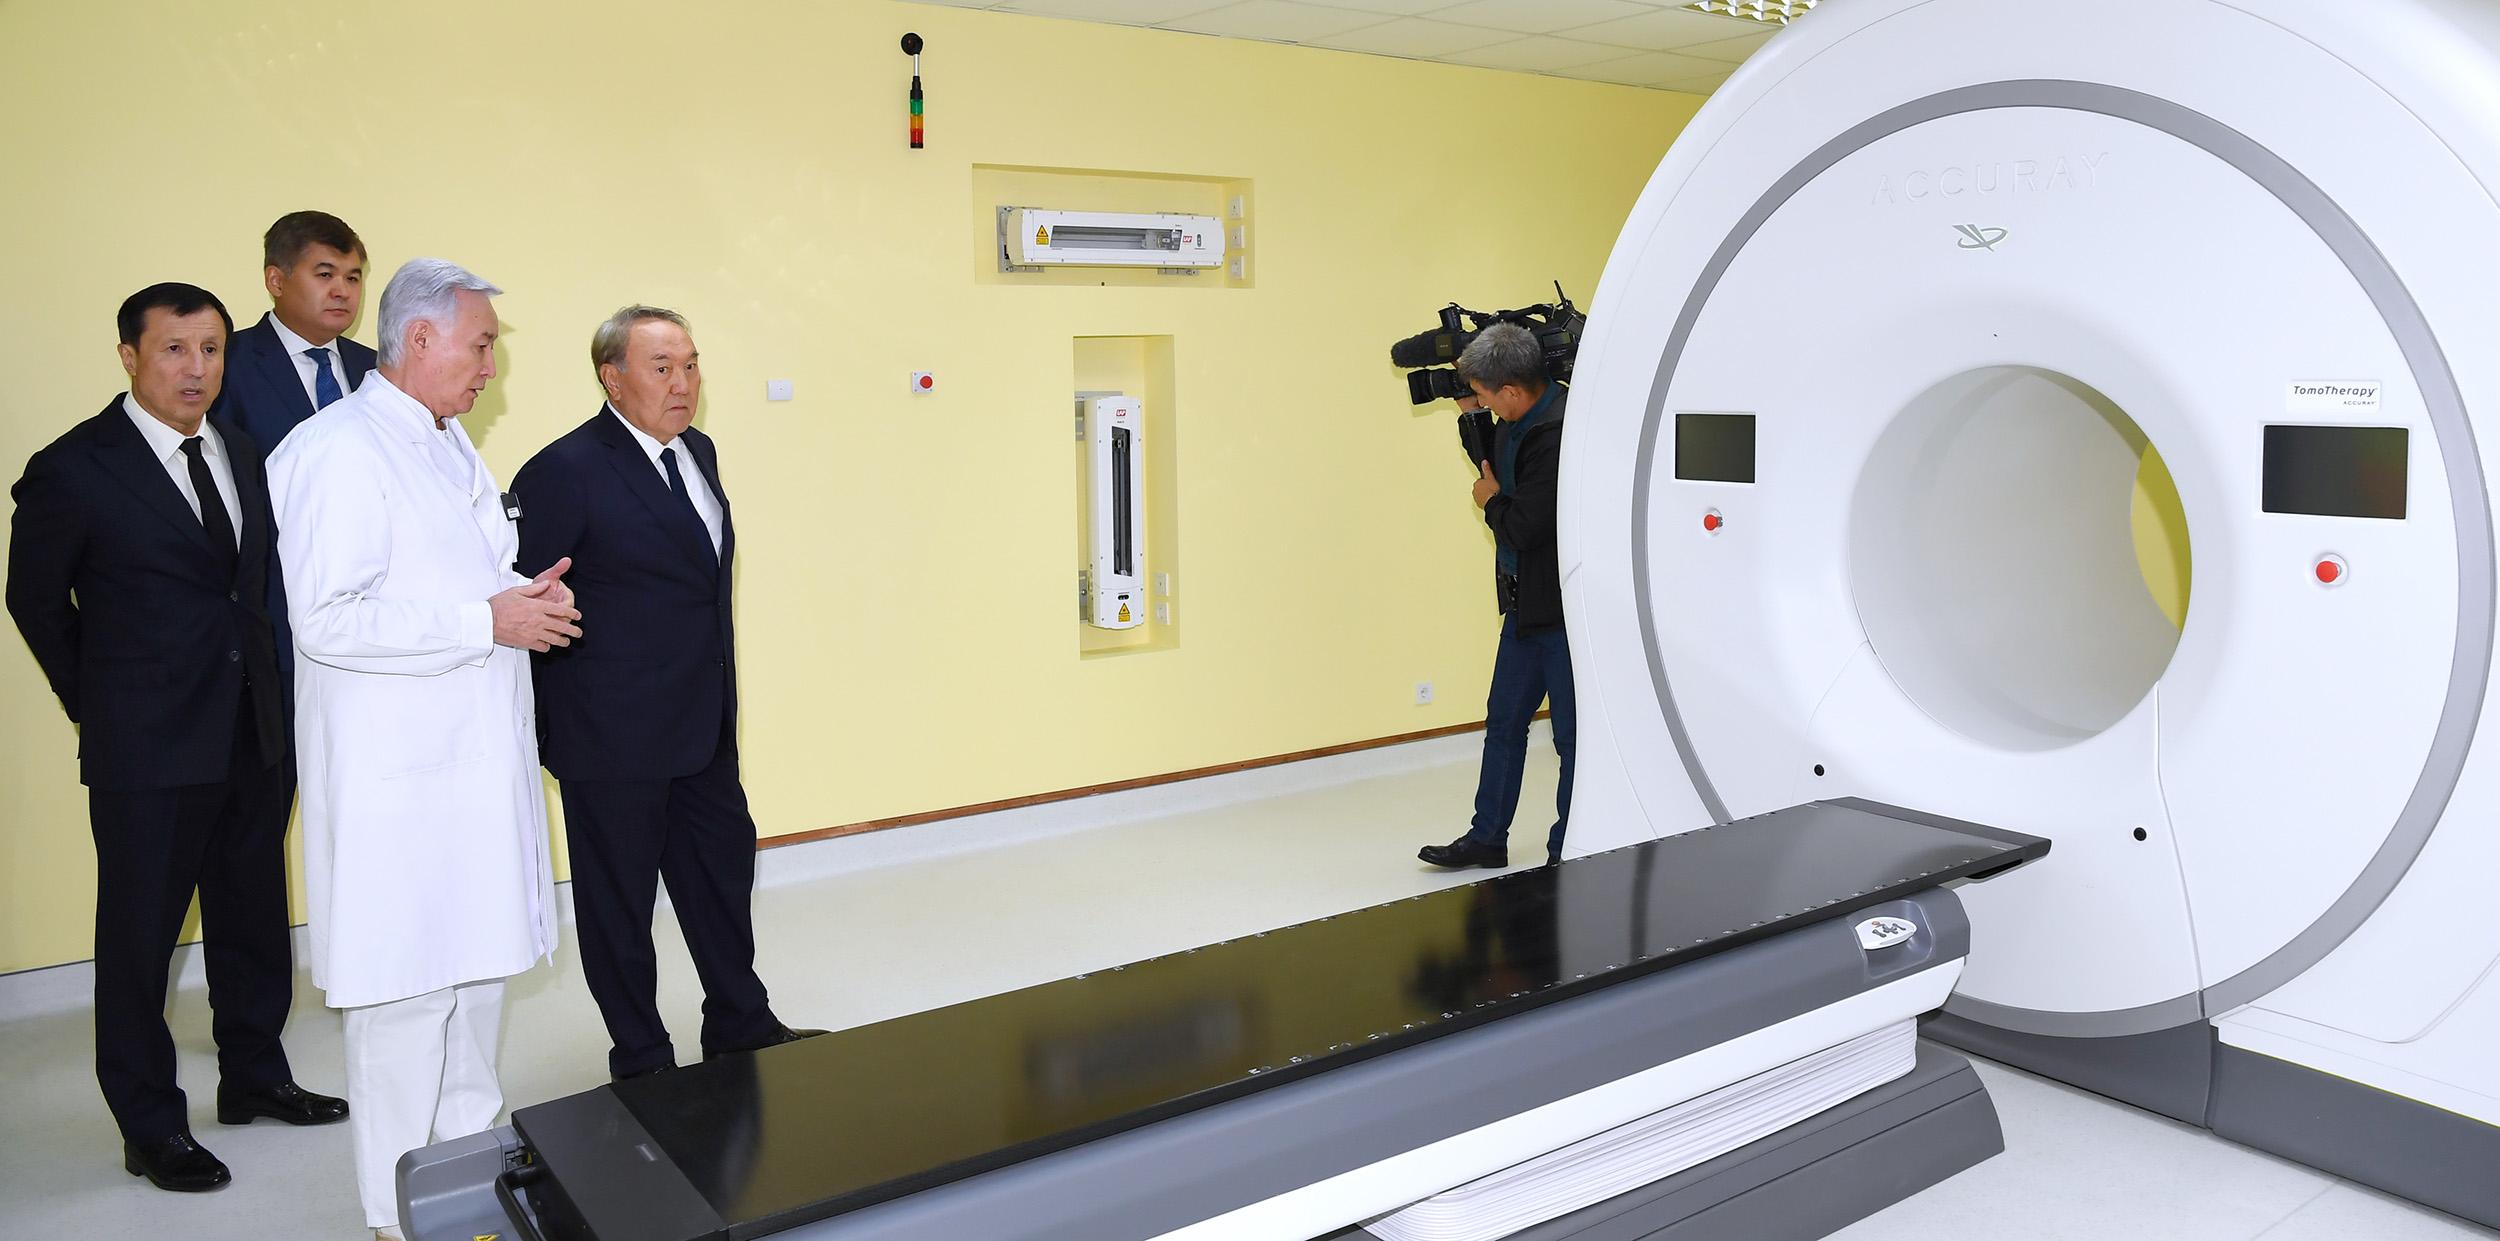 Назарбаев отметил важность современных подходов при диагностике и лечении онкозаболеваний